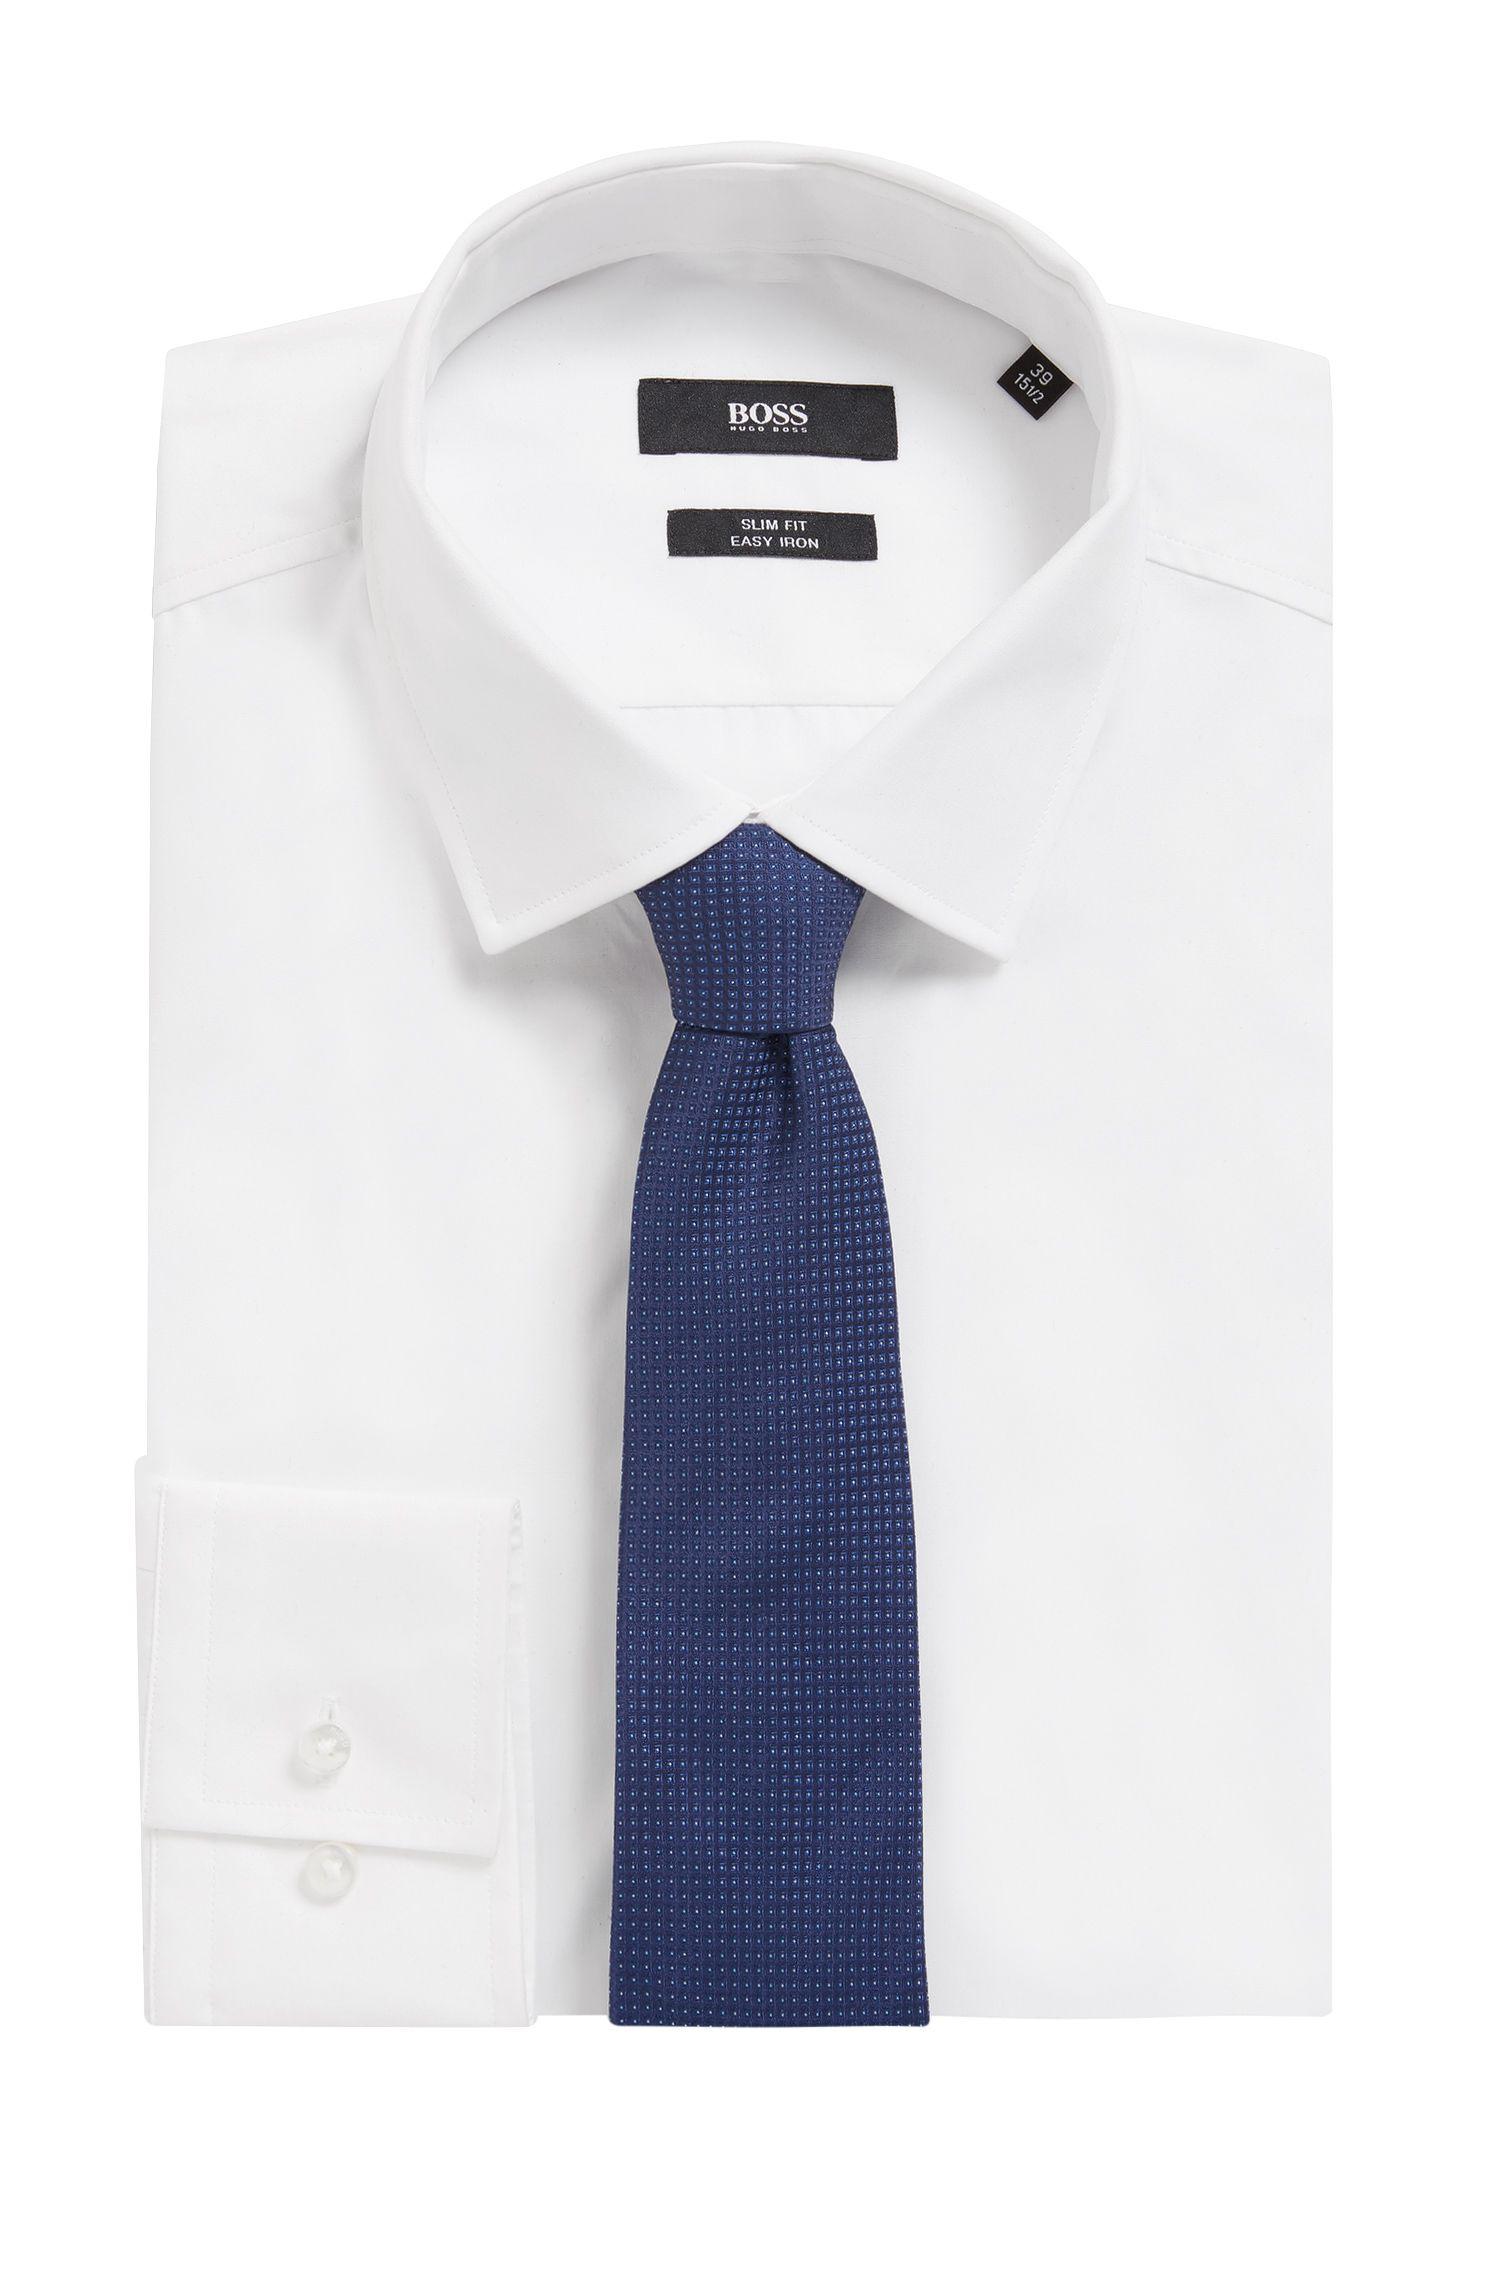 Gemusterte Krawatte aus reiner Seide mit Jacquard-Struktur